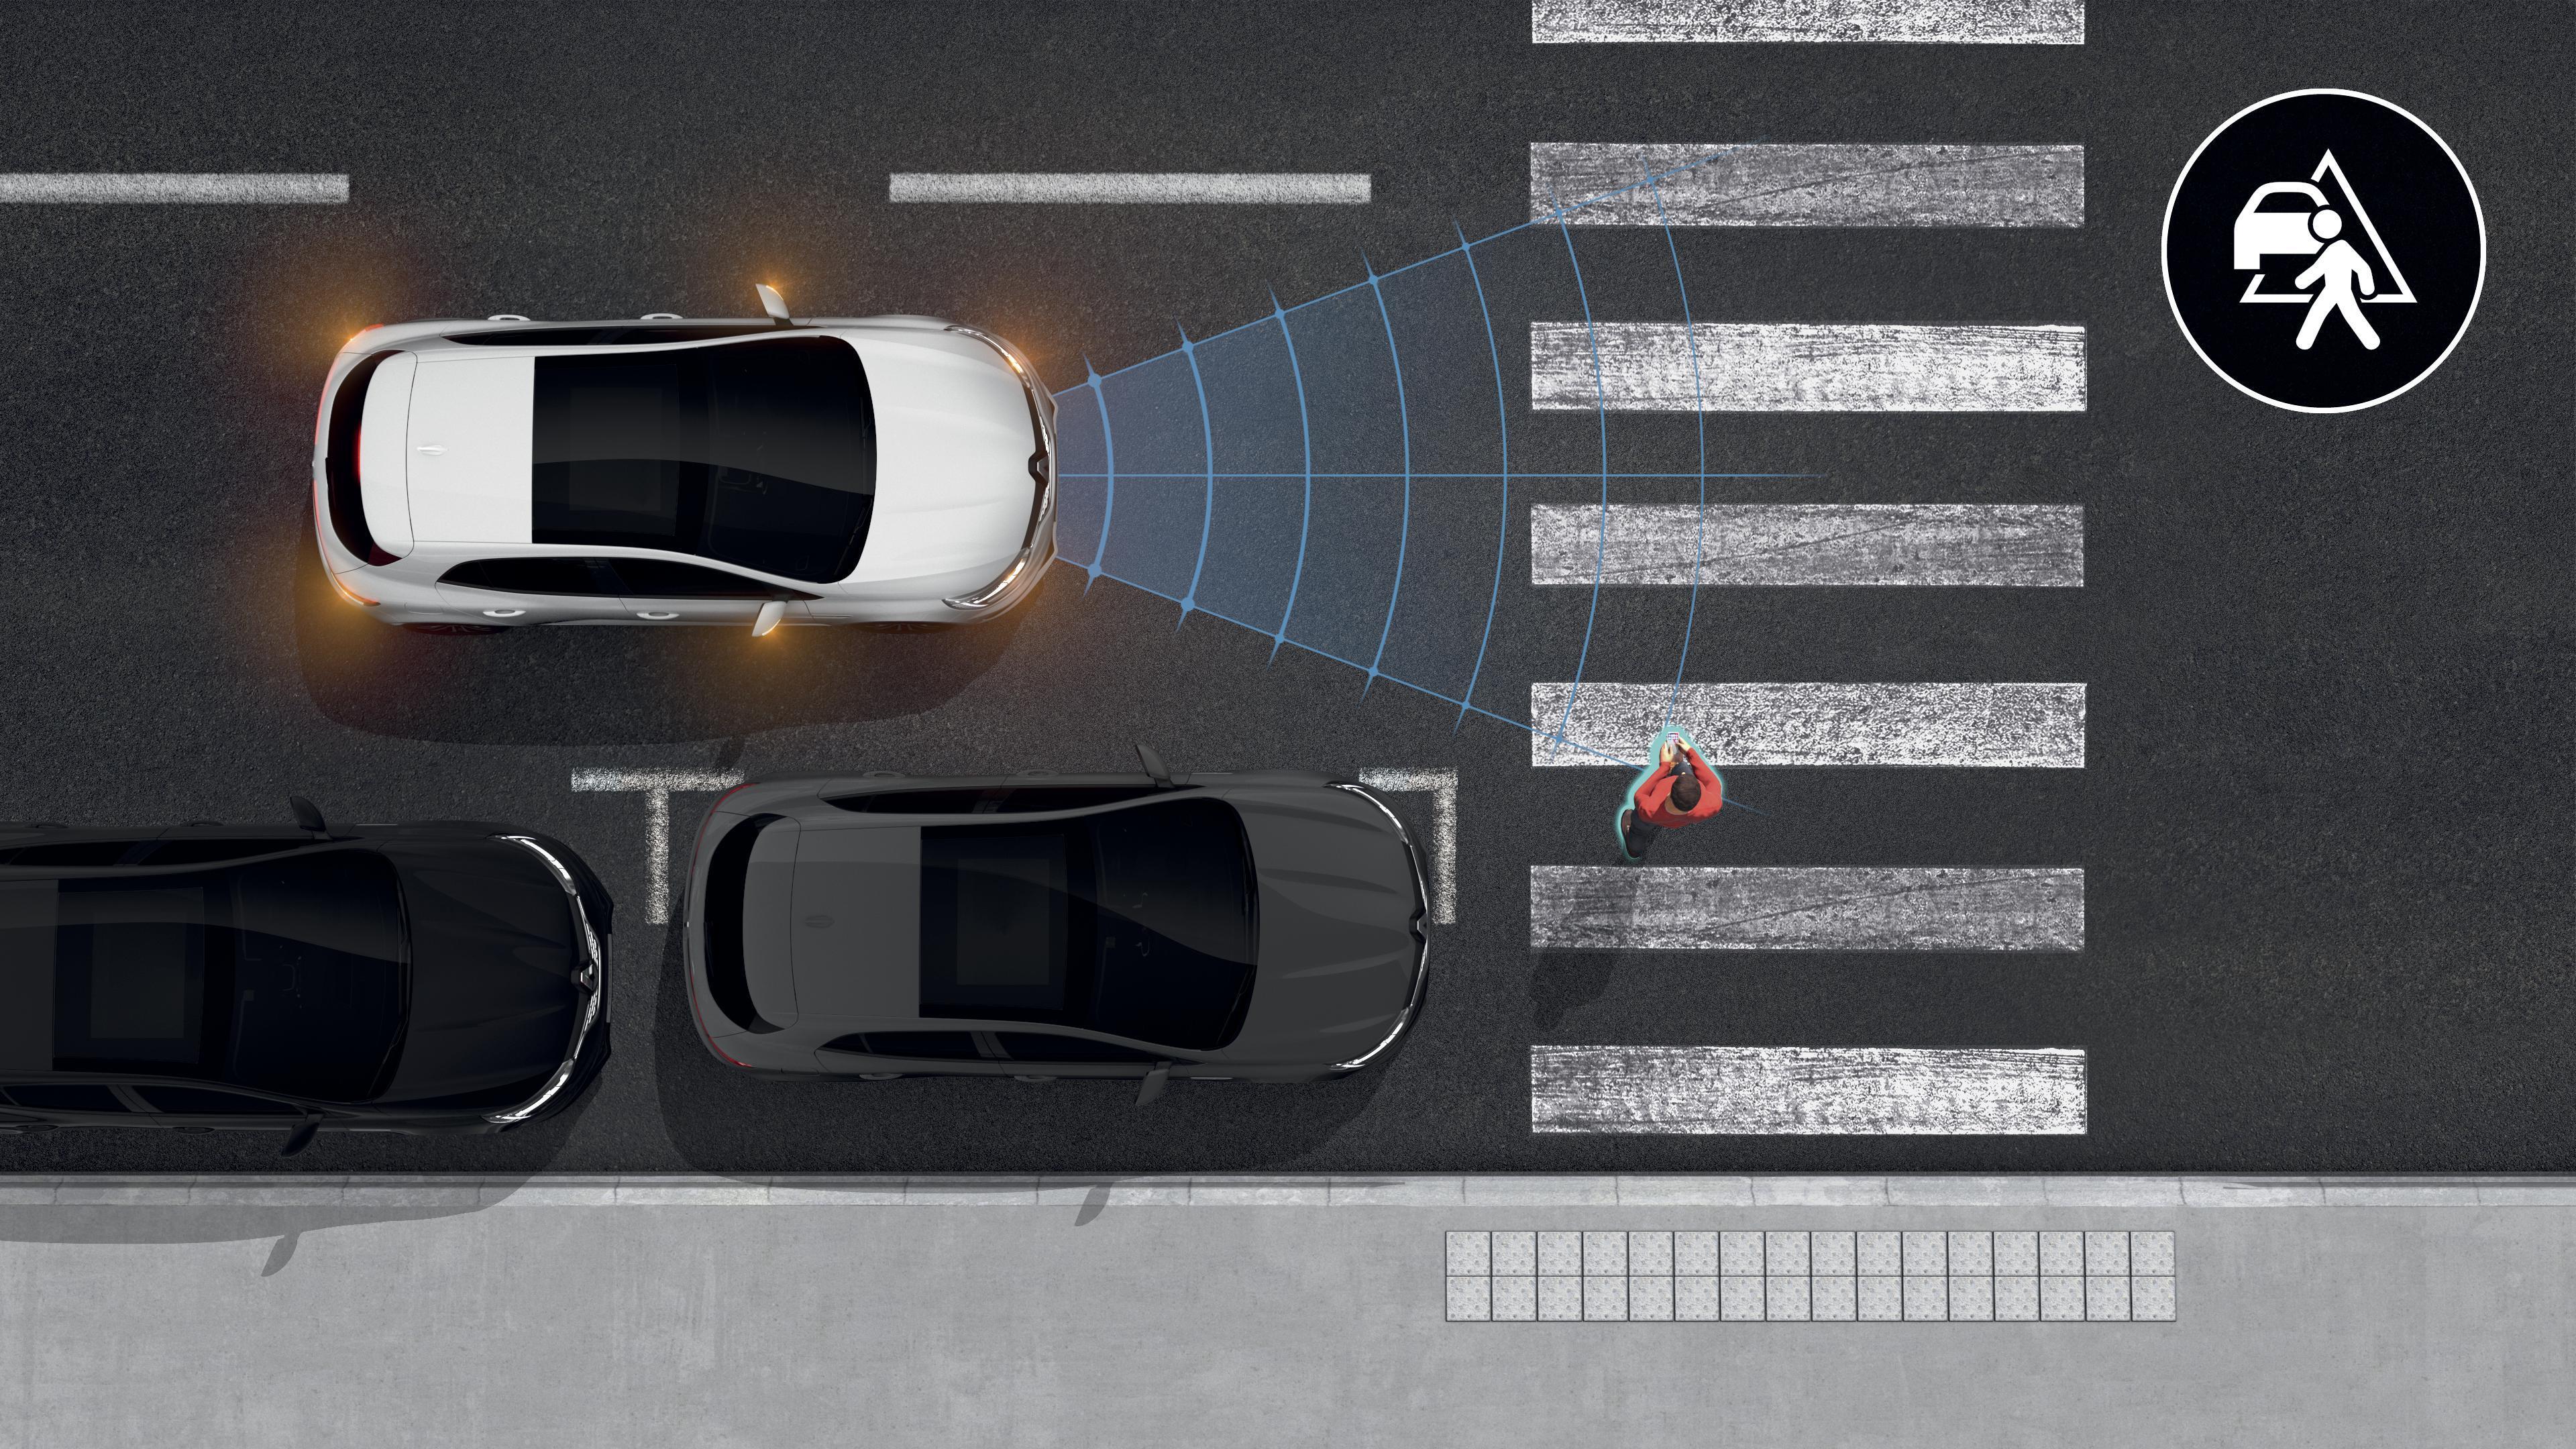 aktywny system wspomagania hamowania z funkcją wykrywania pieszych